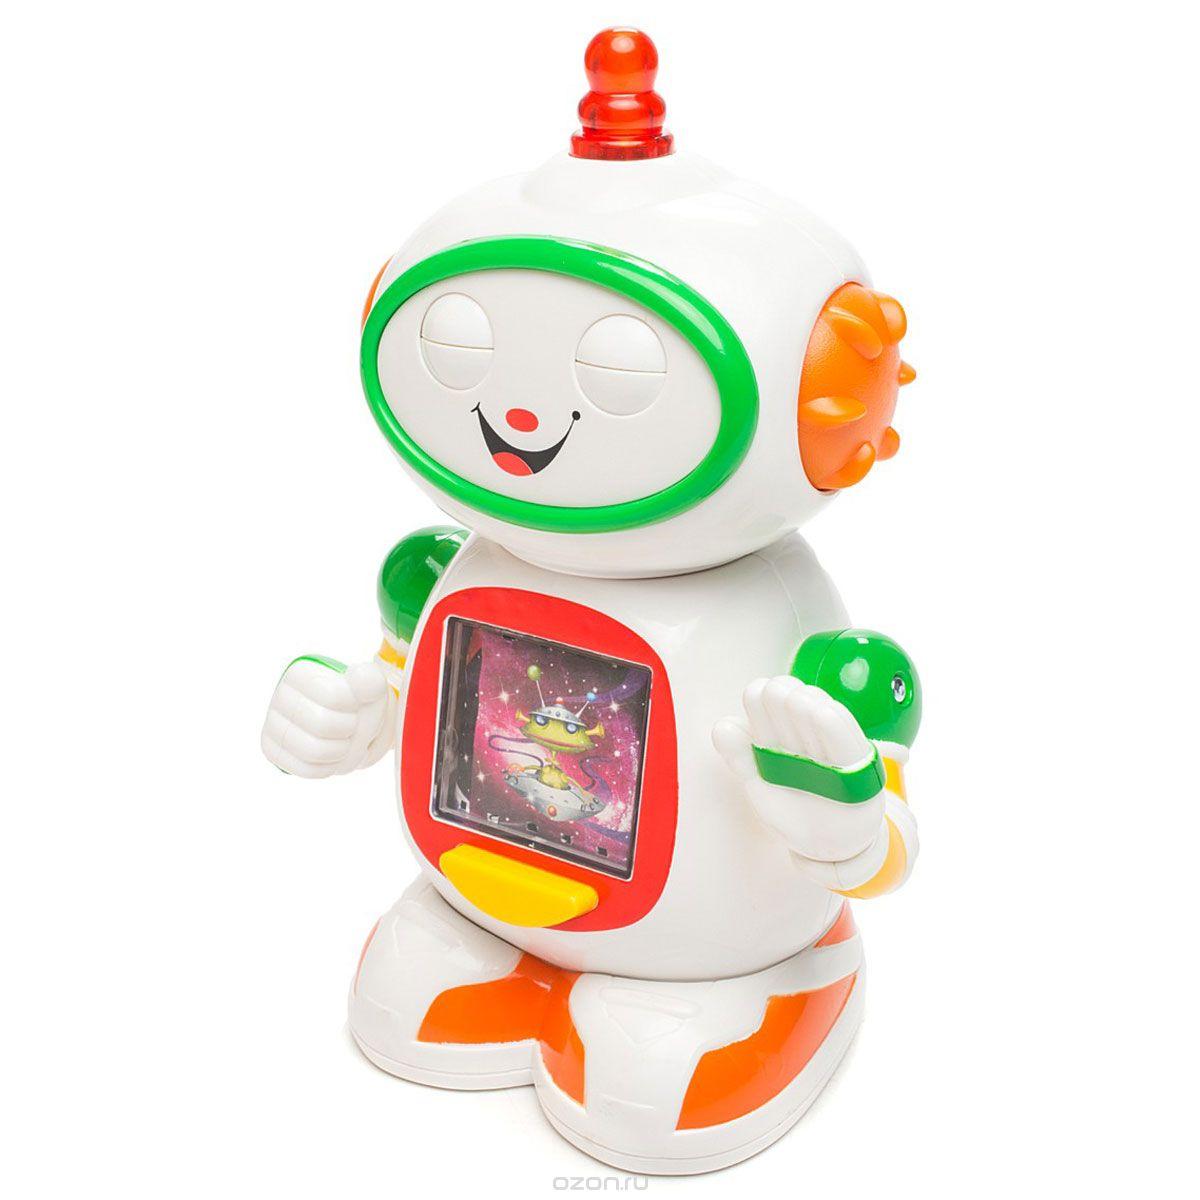 Kiddieland Развивающая игрушка Приятель роботKID 051367Развивающая игрушка Kiddieland Приятель робот обязательно порадует малыша. Игрушка умеет вертеть головой и махать ручками. Покрутив кнопку на голове можно увидеть, как робот двигает глазками под забавные звуки. Нажав кнопку на туловище, понаблюдать за цветными картинками и послушать музыку. Игрушка развивает мелкую моторику, мышление, зрительное и звуковое восприятие, повышает двигательную активность малышей. Рекомендуемый возраст: от 18 месяцев. Питание: 2 батарейки типа АА (входят в комплект).